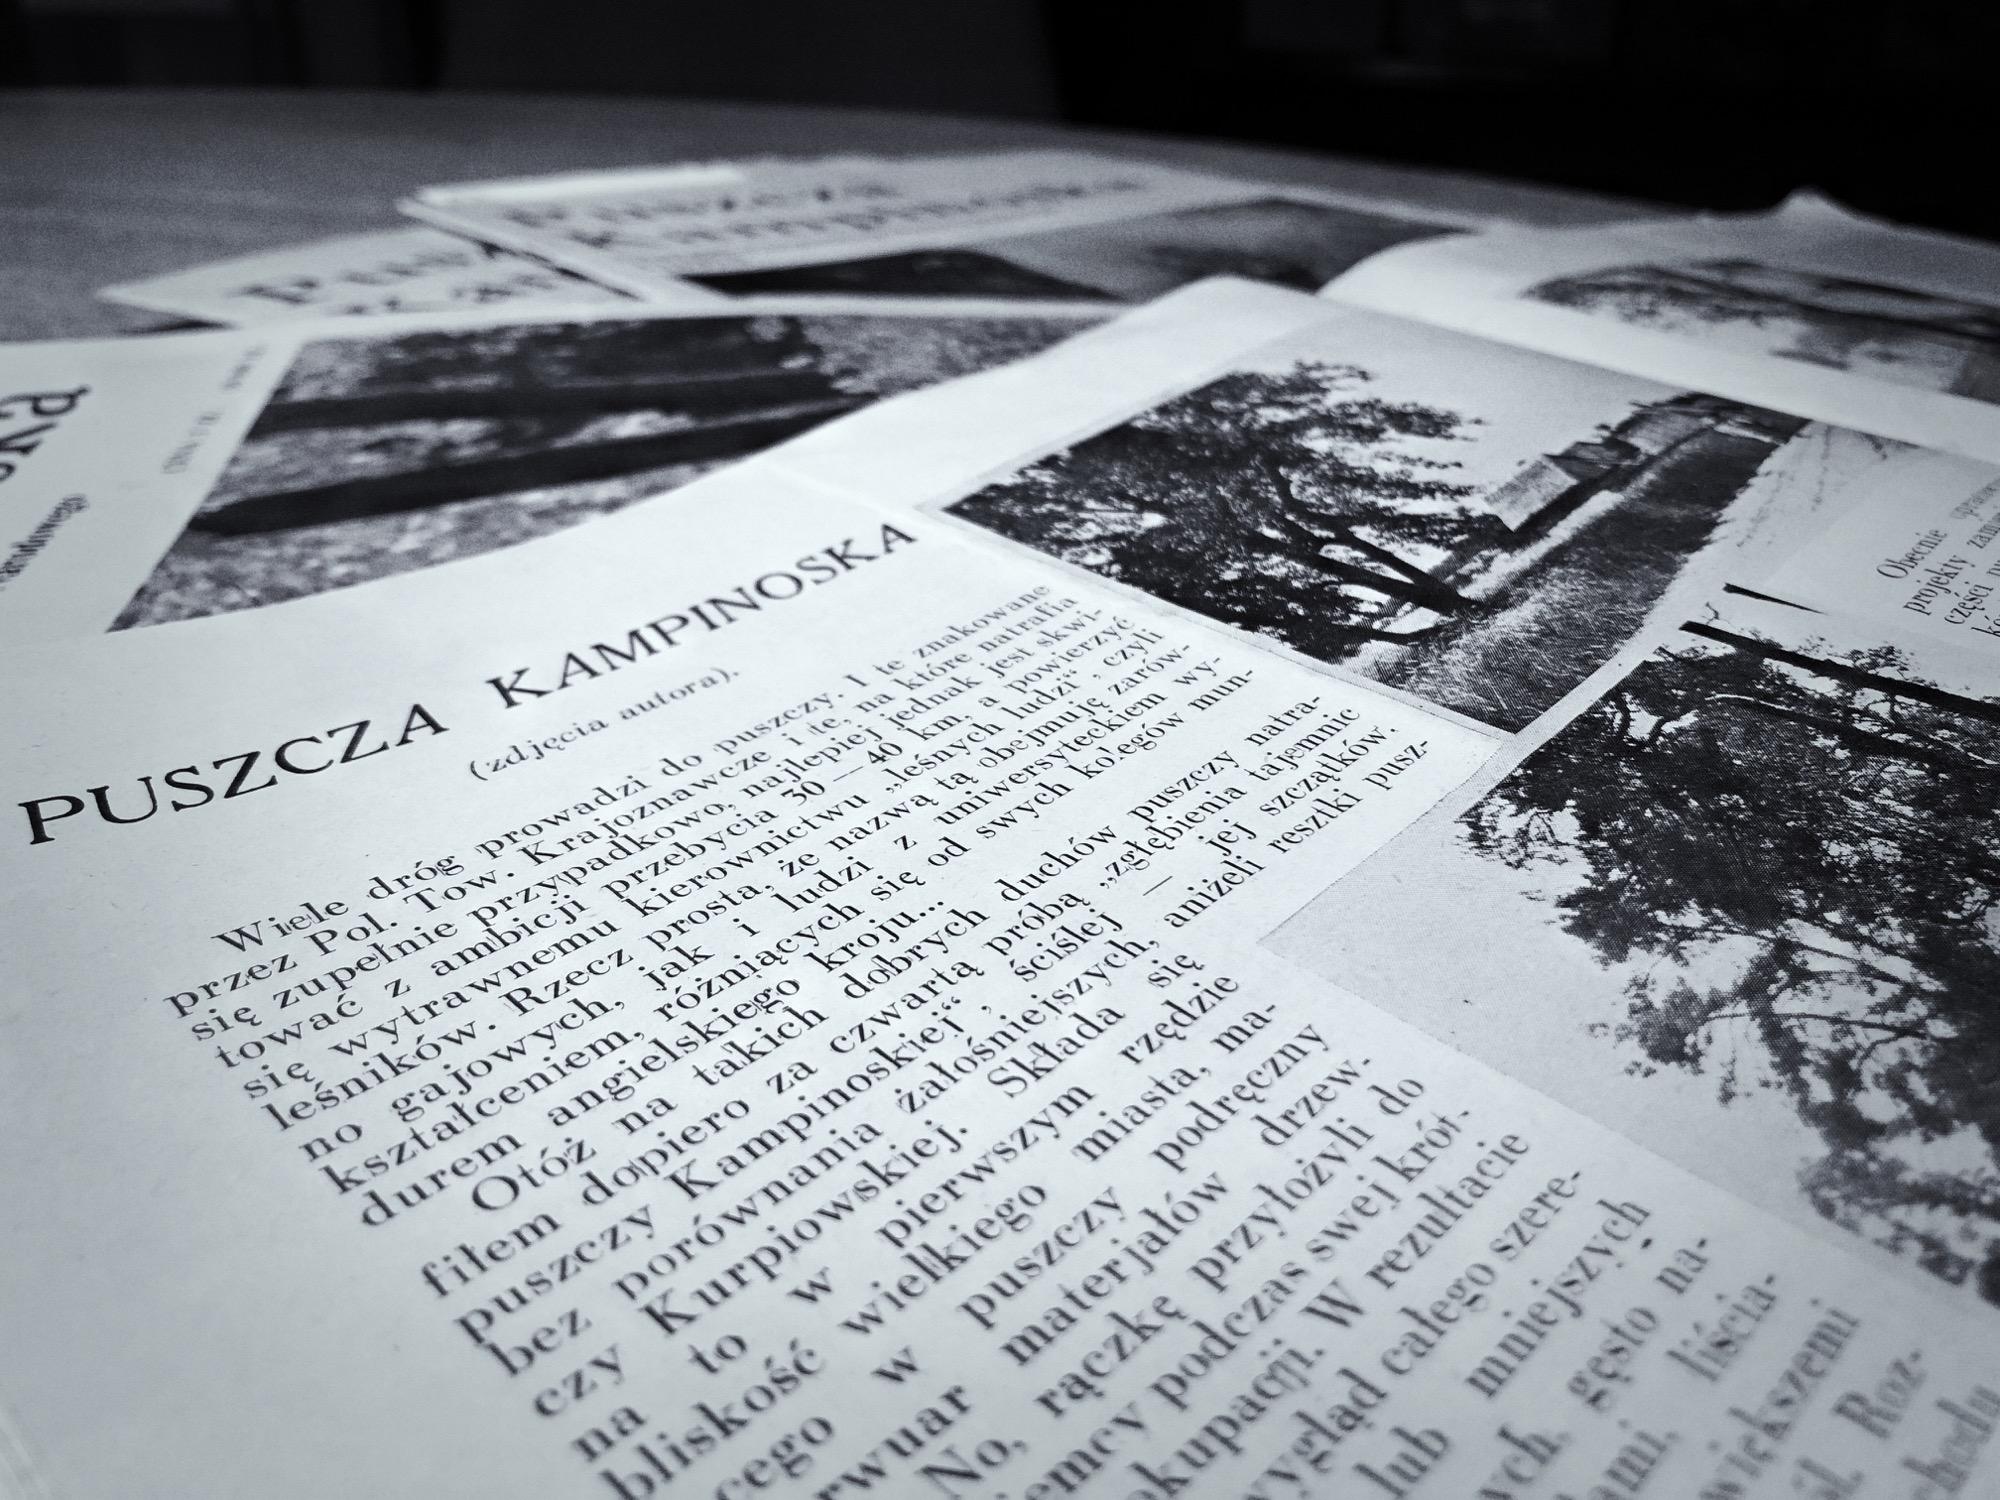 Tygodnik Bluszcz, wydanie z sierpnia 1933 roku, w którym pojawił się artykuł na temat ówczesnego charakteru puszczy Kampinoskiej oraz jej historii